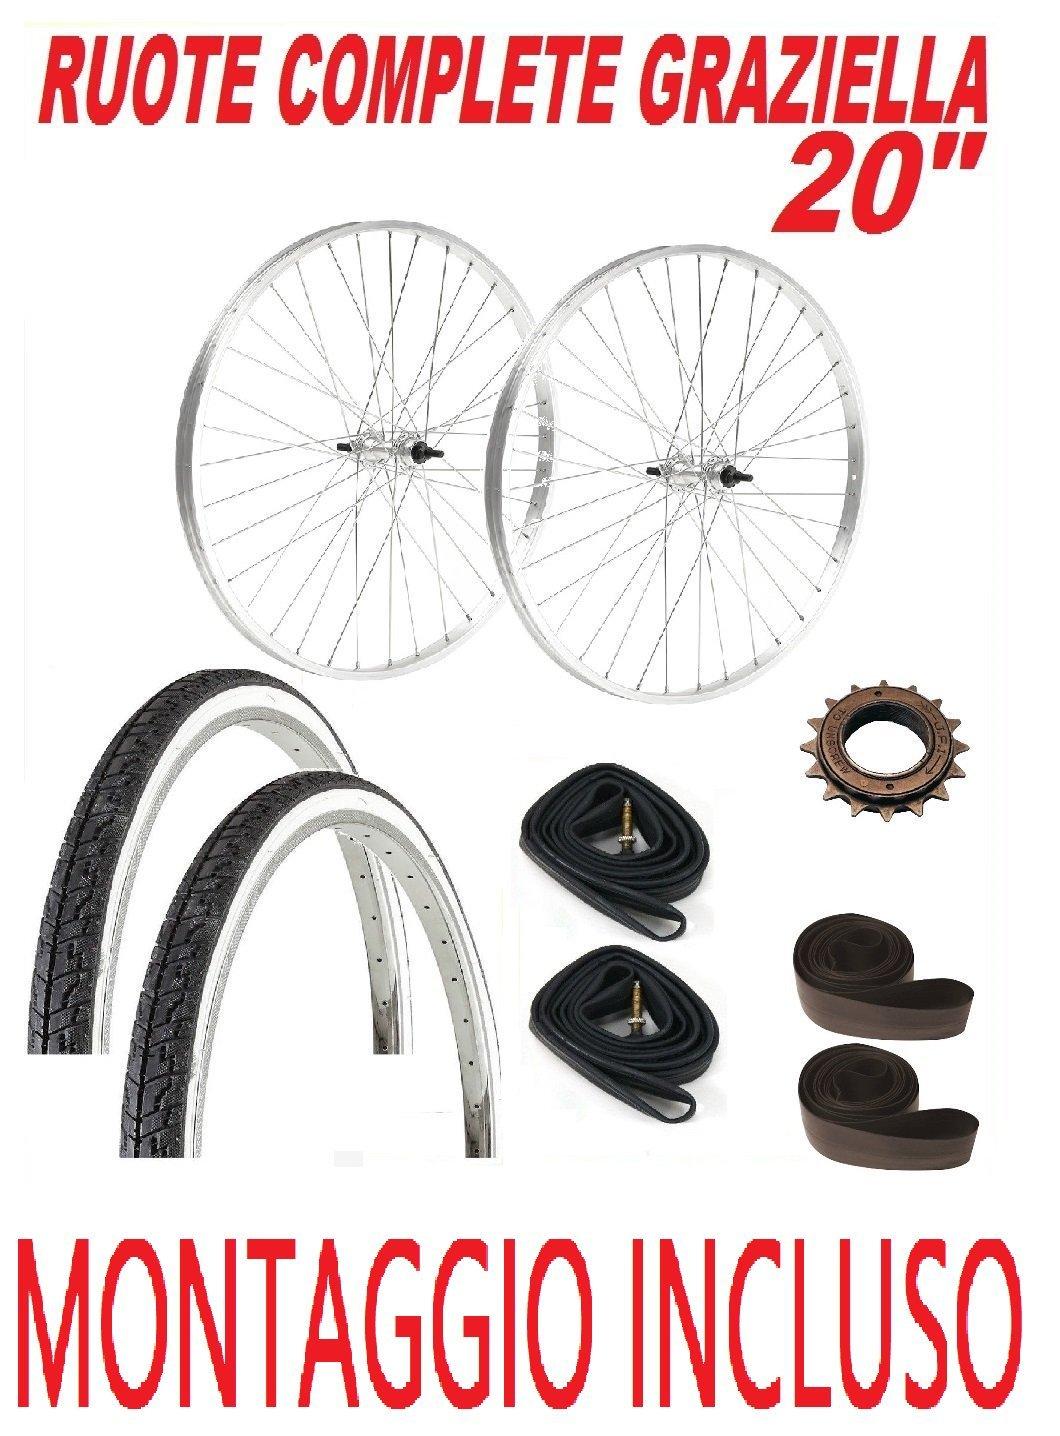 CicloSportMarket & 039;Montage inklusive – Paar Räder Fahrrad Graziella 20 + Ritzel 16 Zähne + Reifen + Kammern + Flap-Speichen